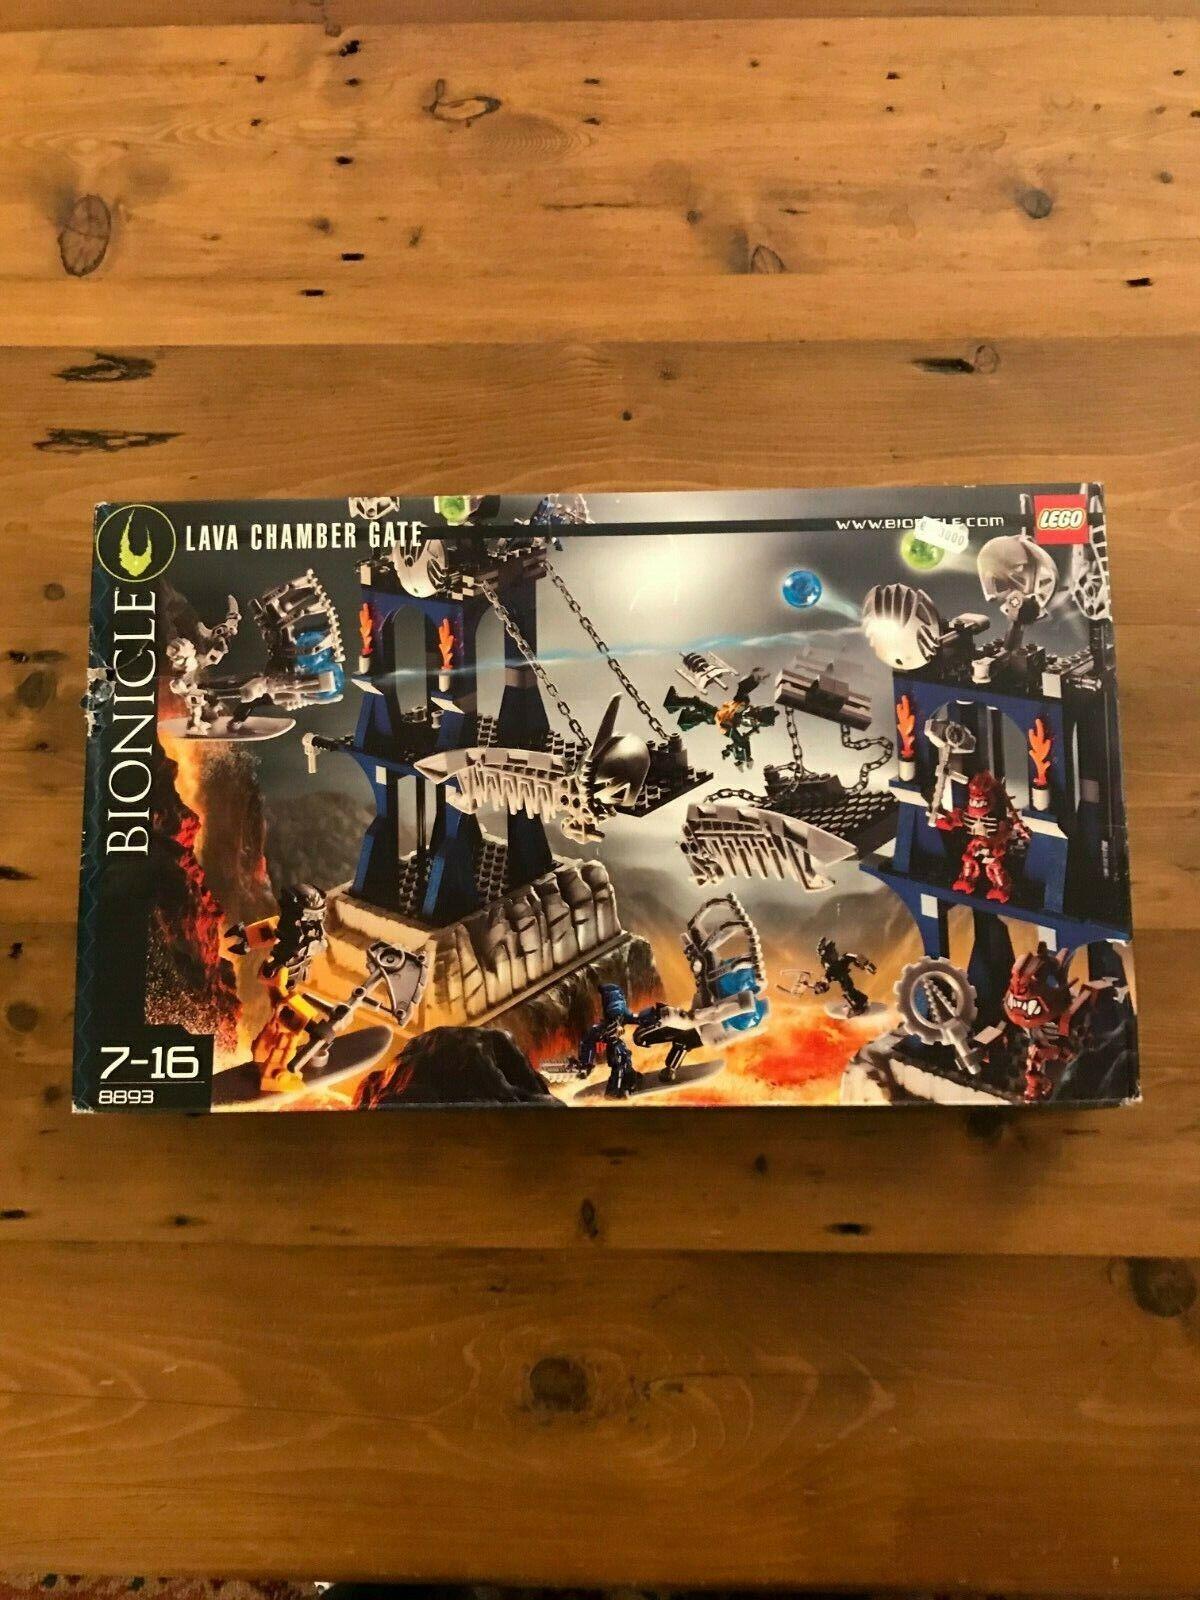 Nuevo 8893 Lego Bionicle Lava Chamber Gate Nuevo pero lastimado Caja